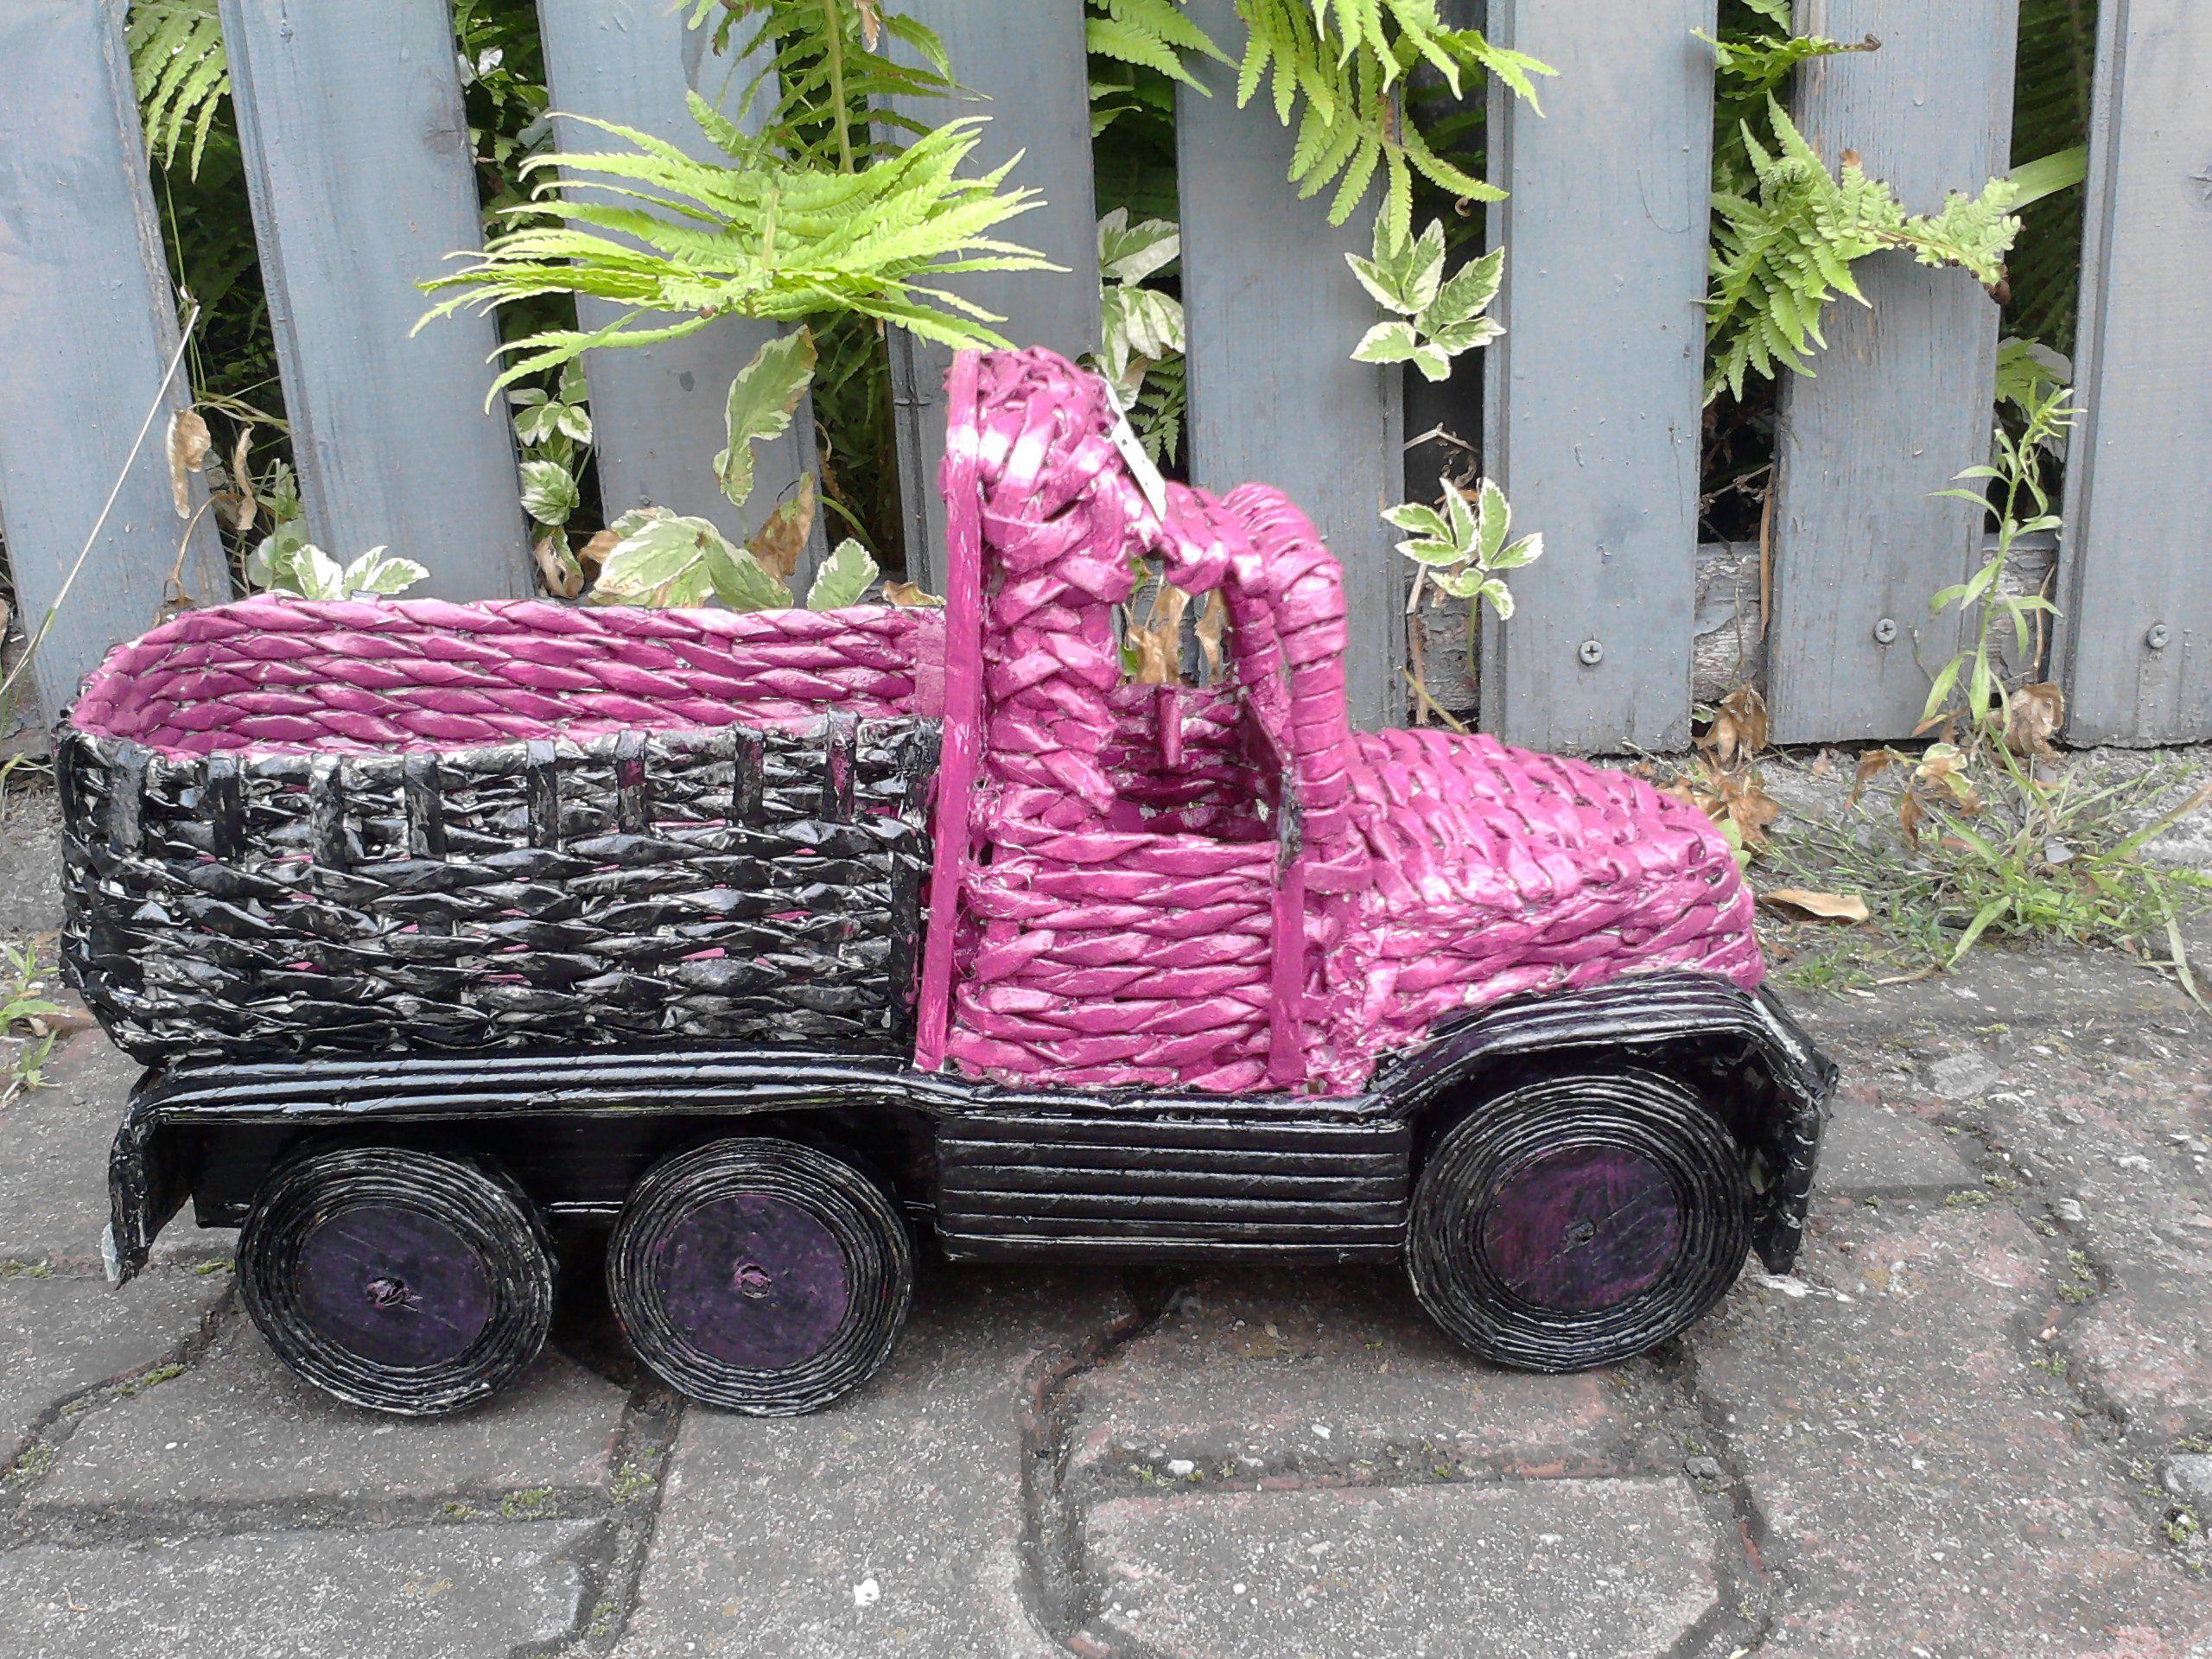 Ciężarówka z papierowej wikliny.